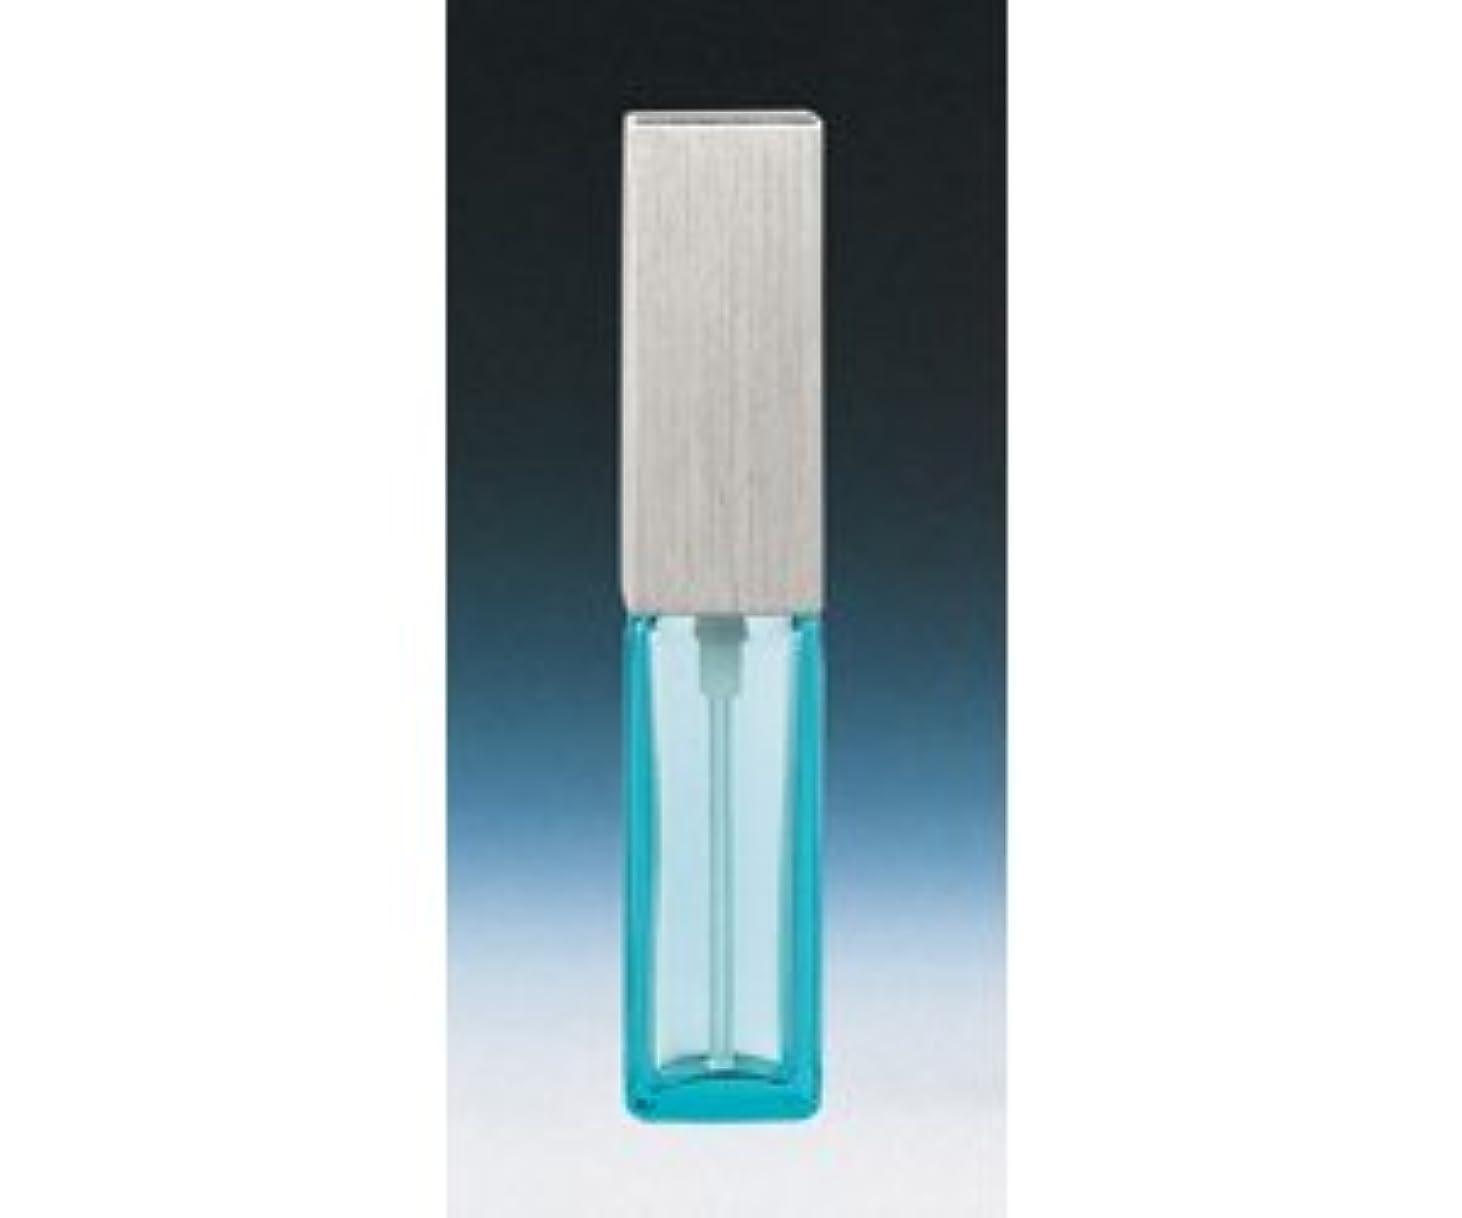 傾向があります利得インターネットヤマダアトマイザー メンズ アトマイザー 香水 携帯用 詰め換え用付属品入り 15493